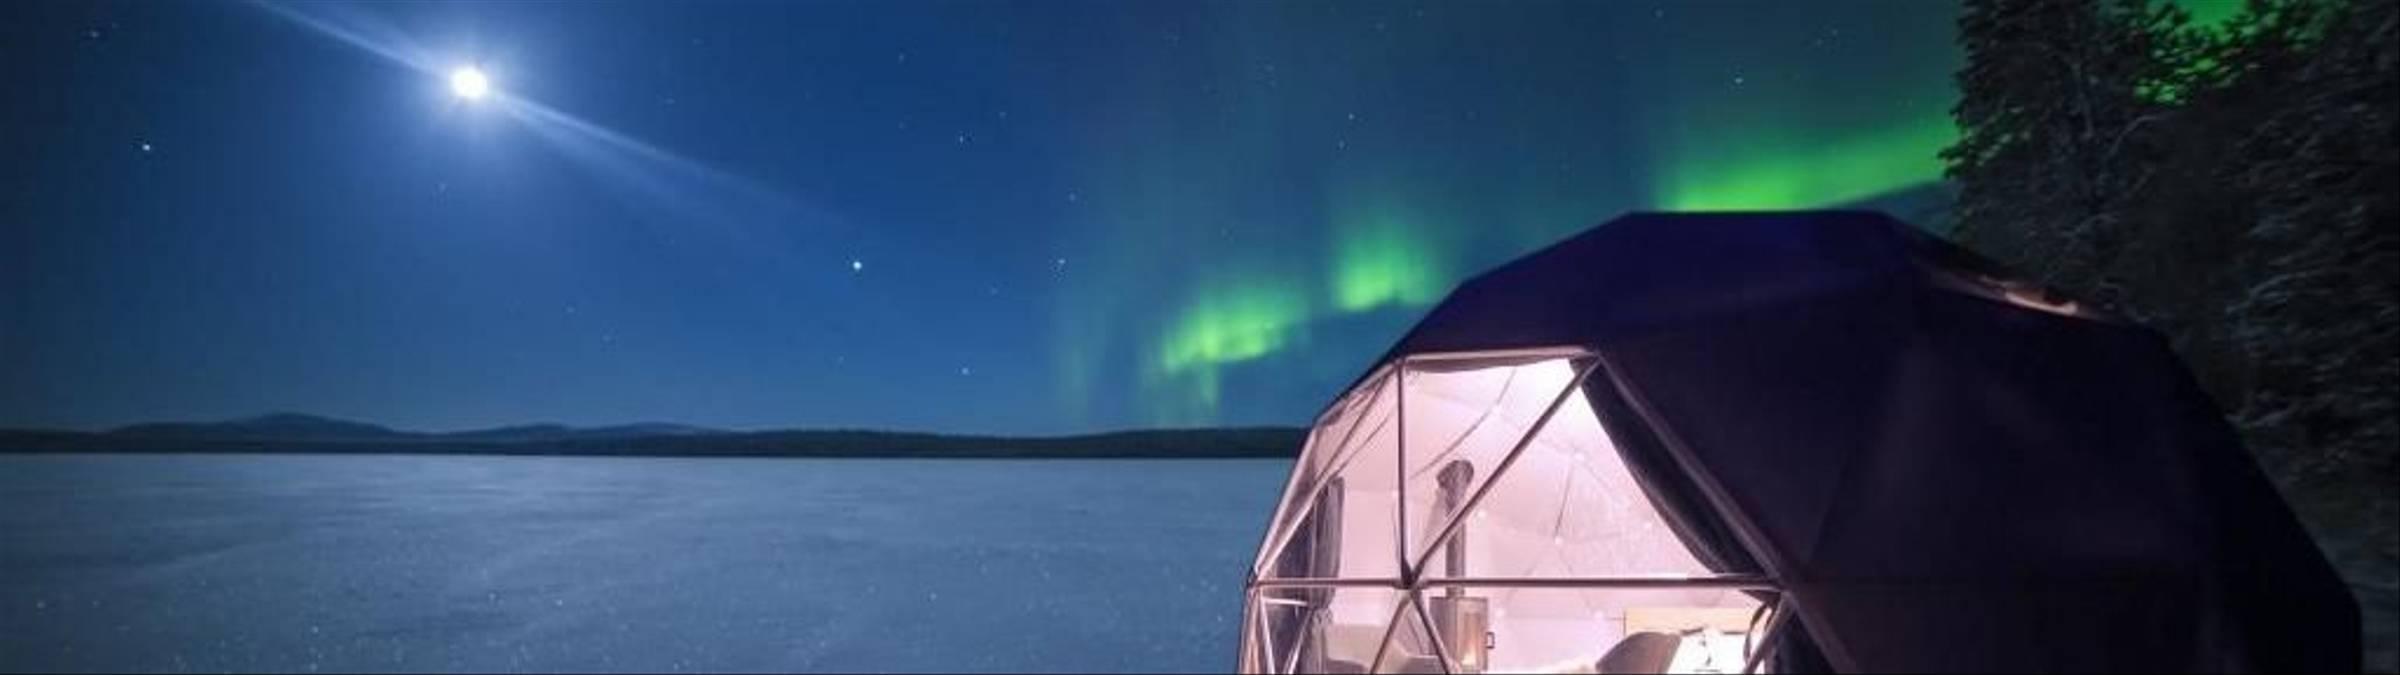 aurora dome jarven rannalla(comp).jpg